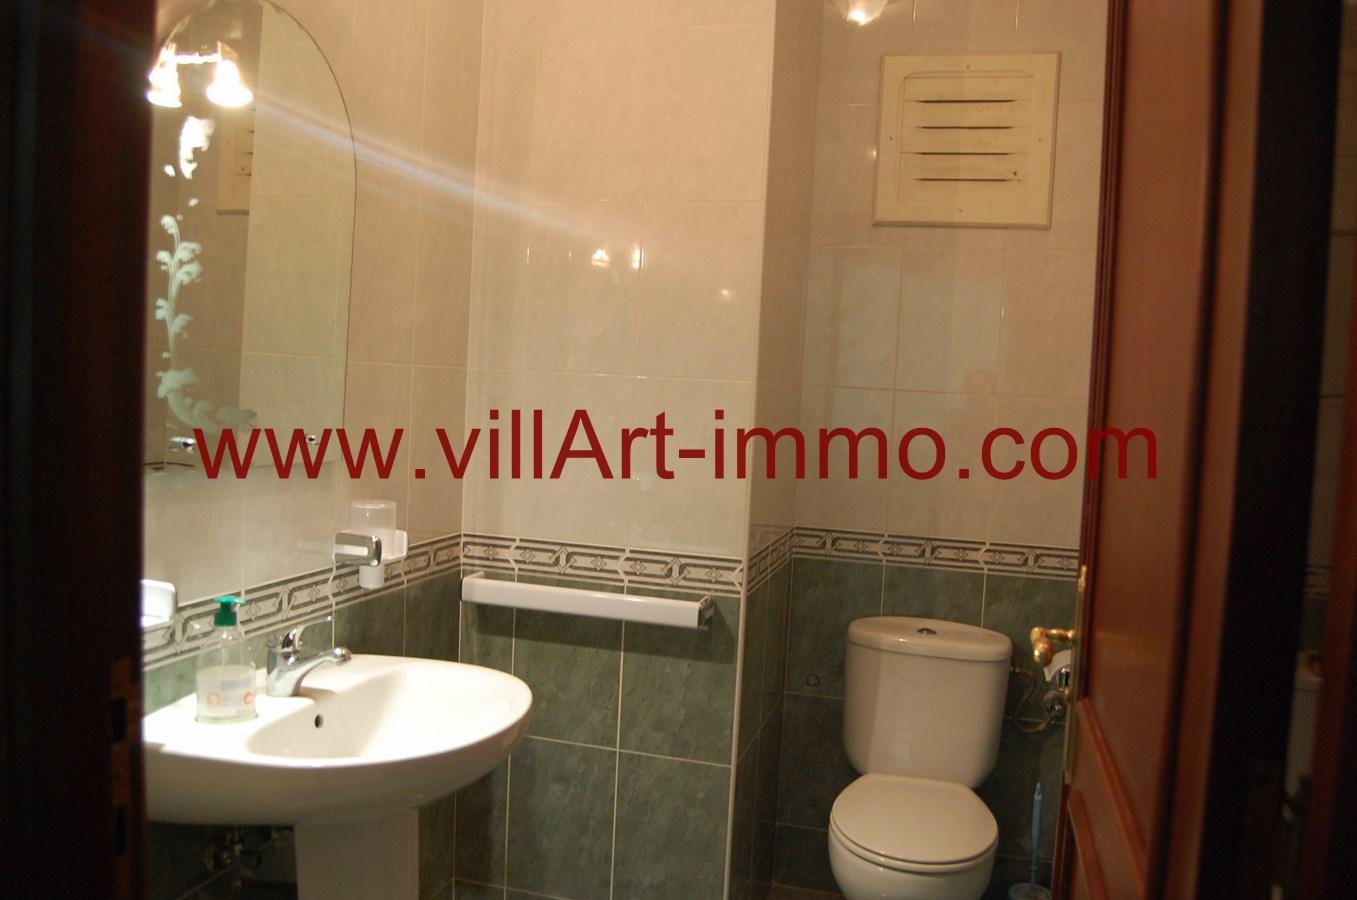 5-A louer-Appartement-Meublé-Tanger-Salle de bain-L900-Villart immo